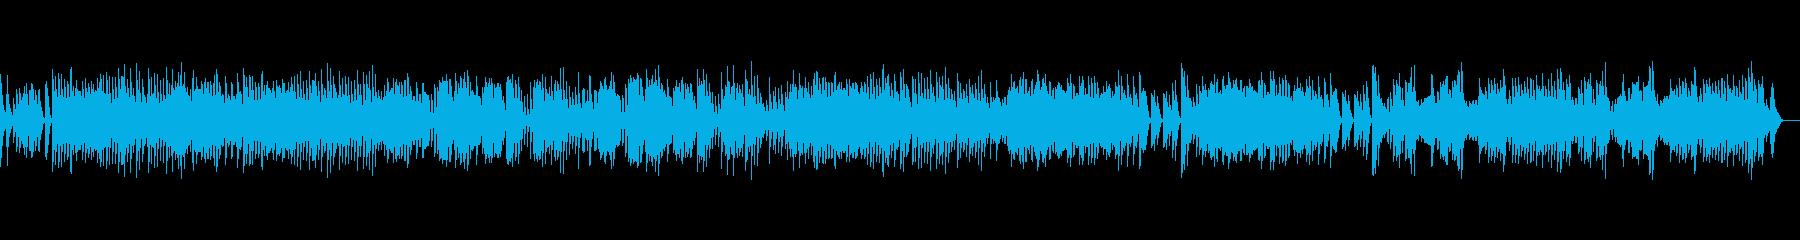 カントリー・クラブ_オルゴールver.の再生済みの波形